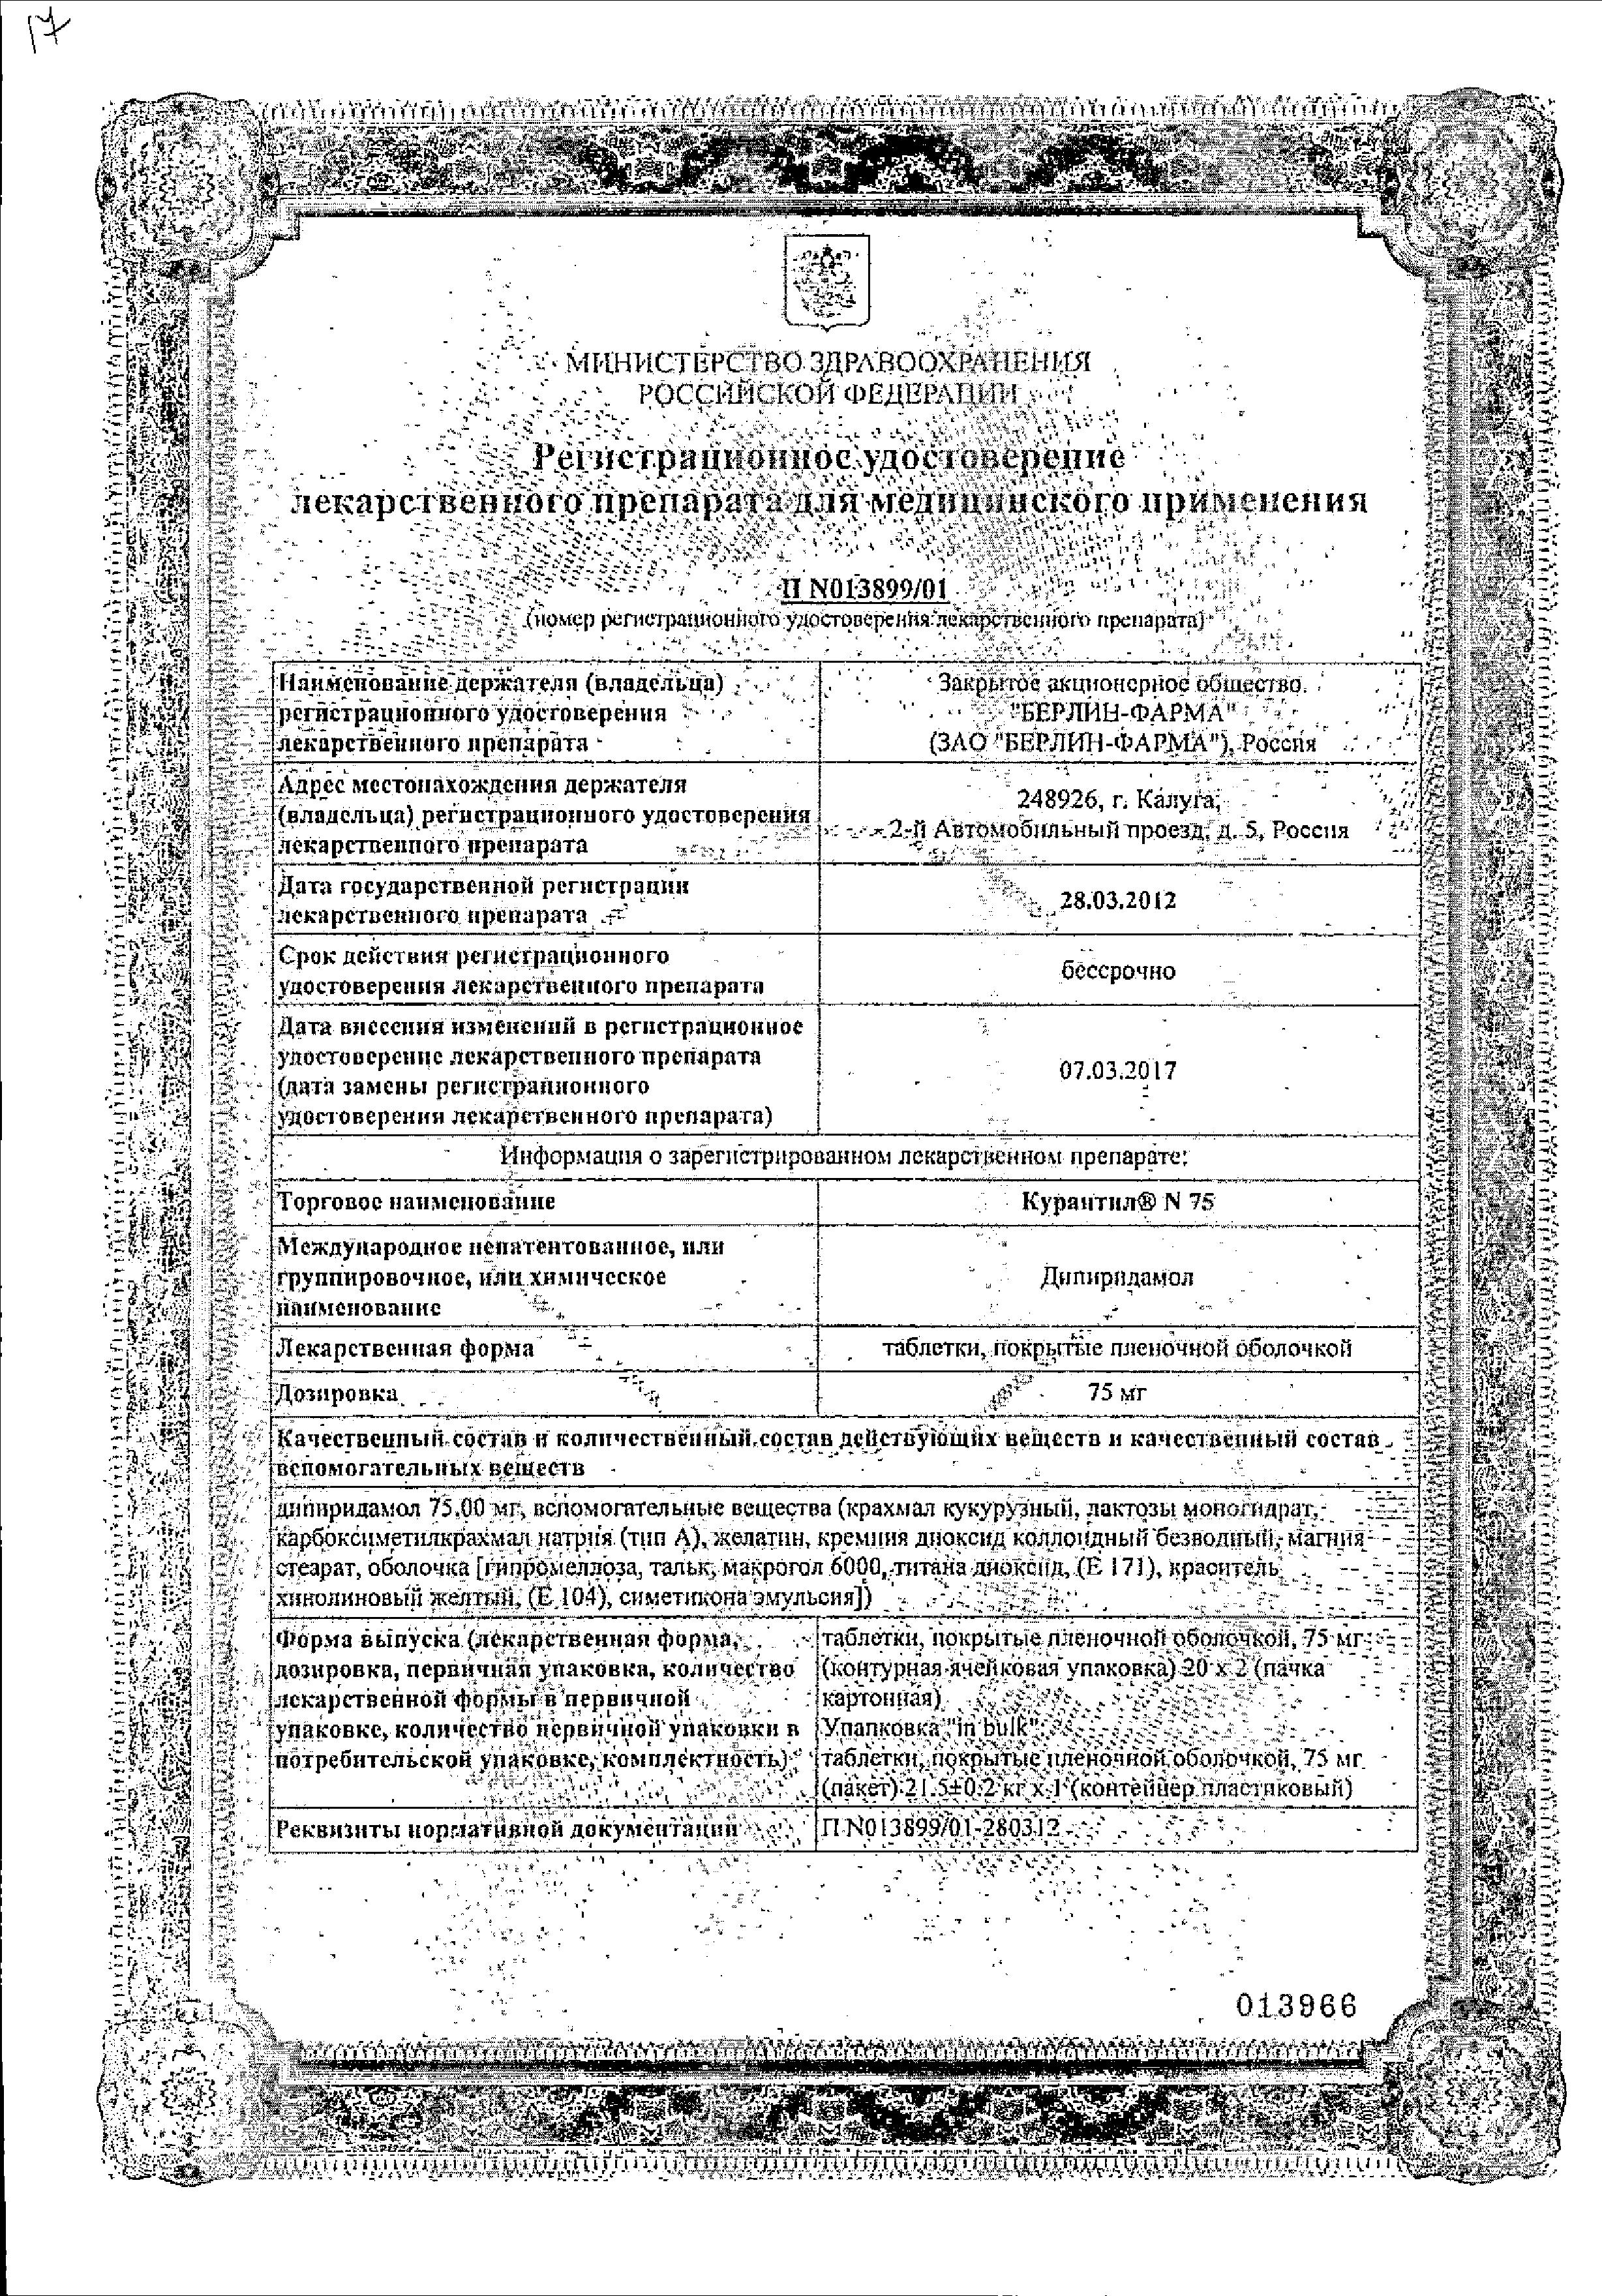 Курантил N 75 сертификат